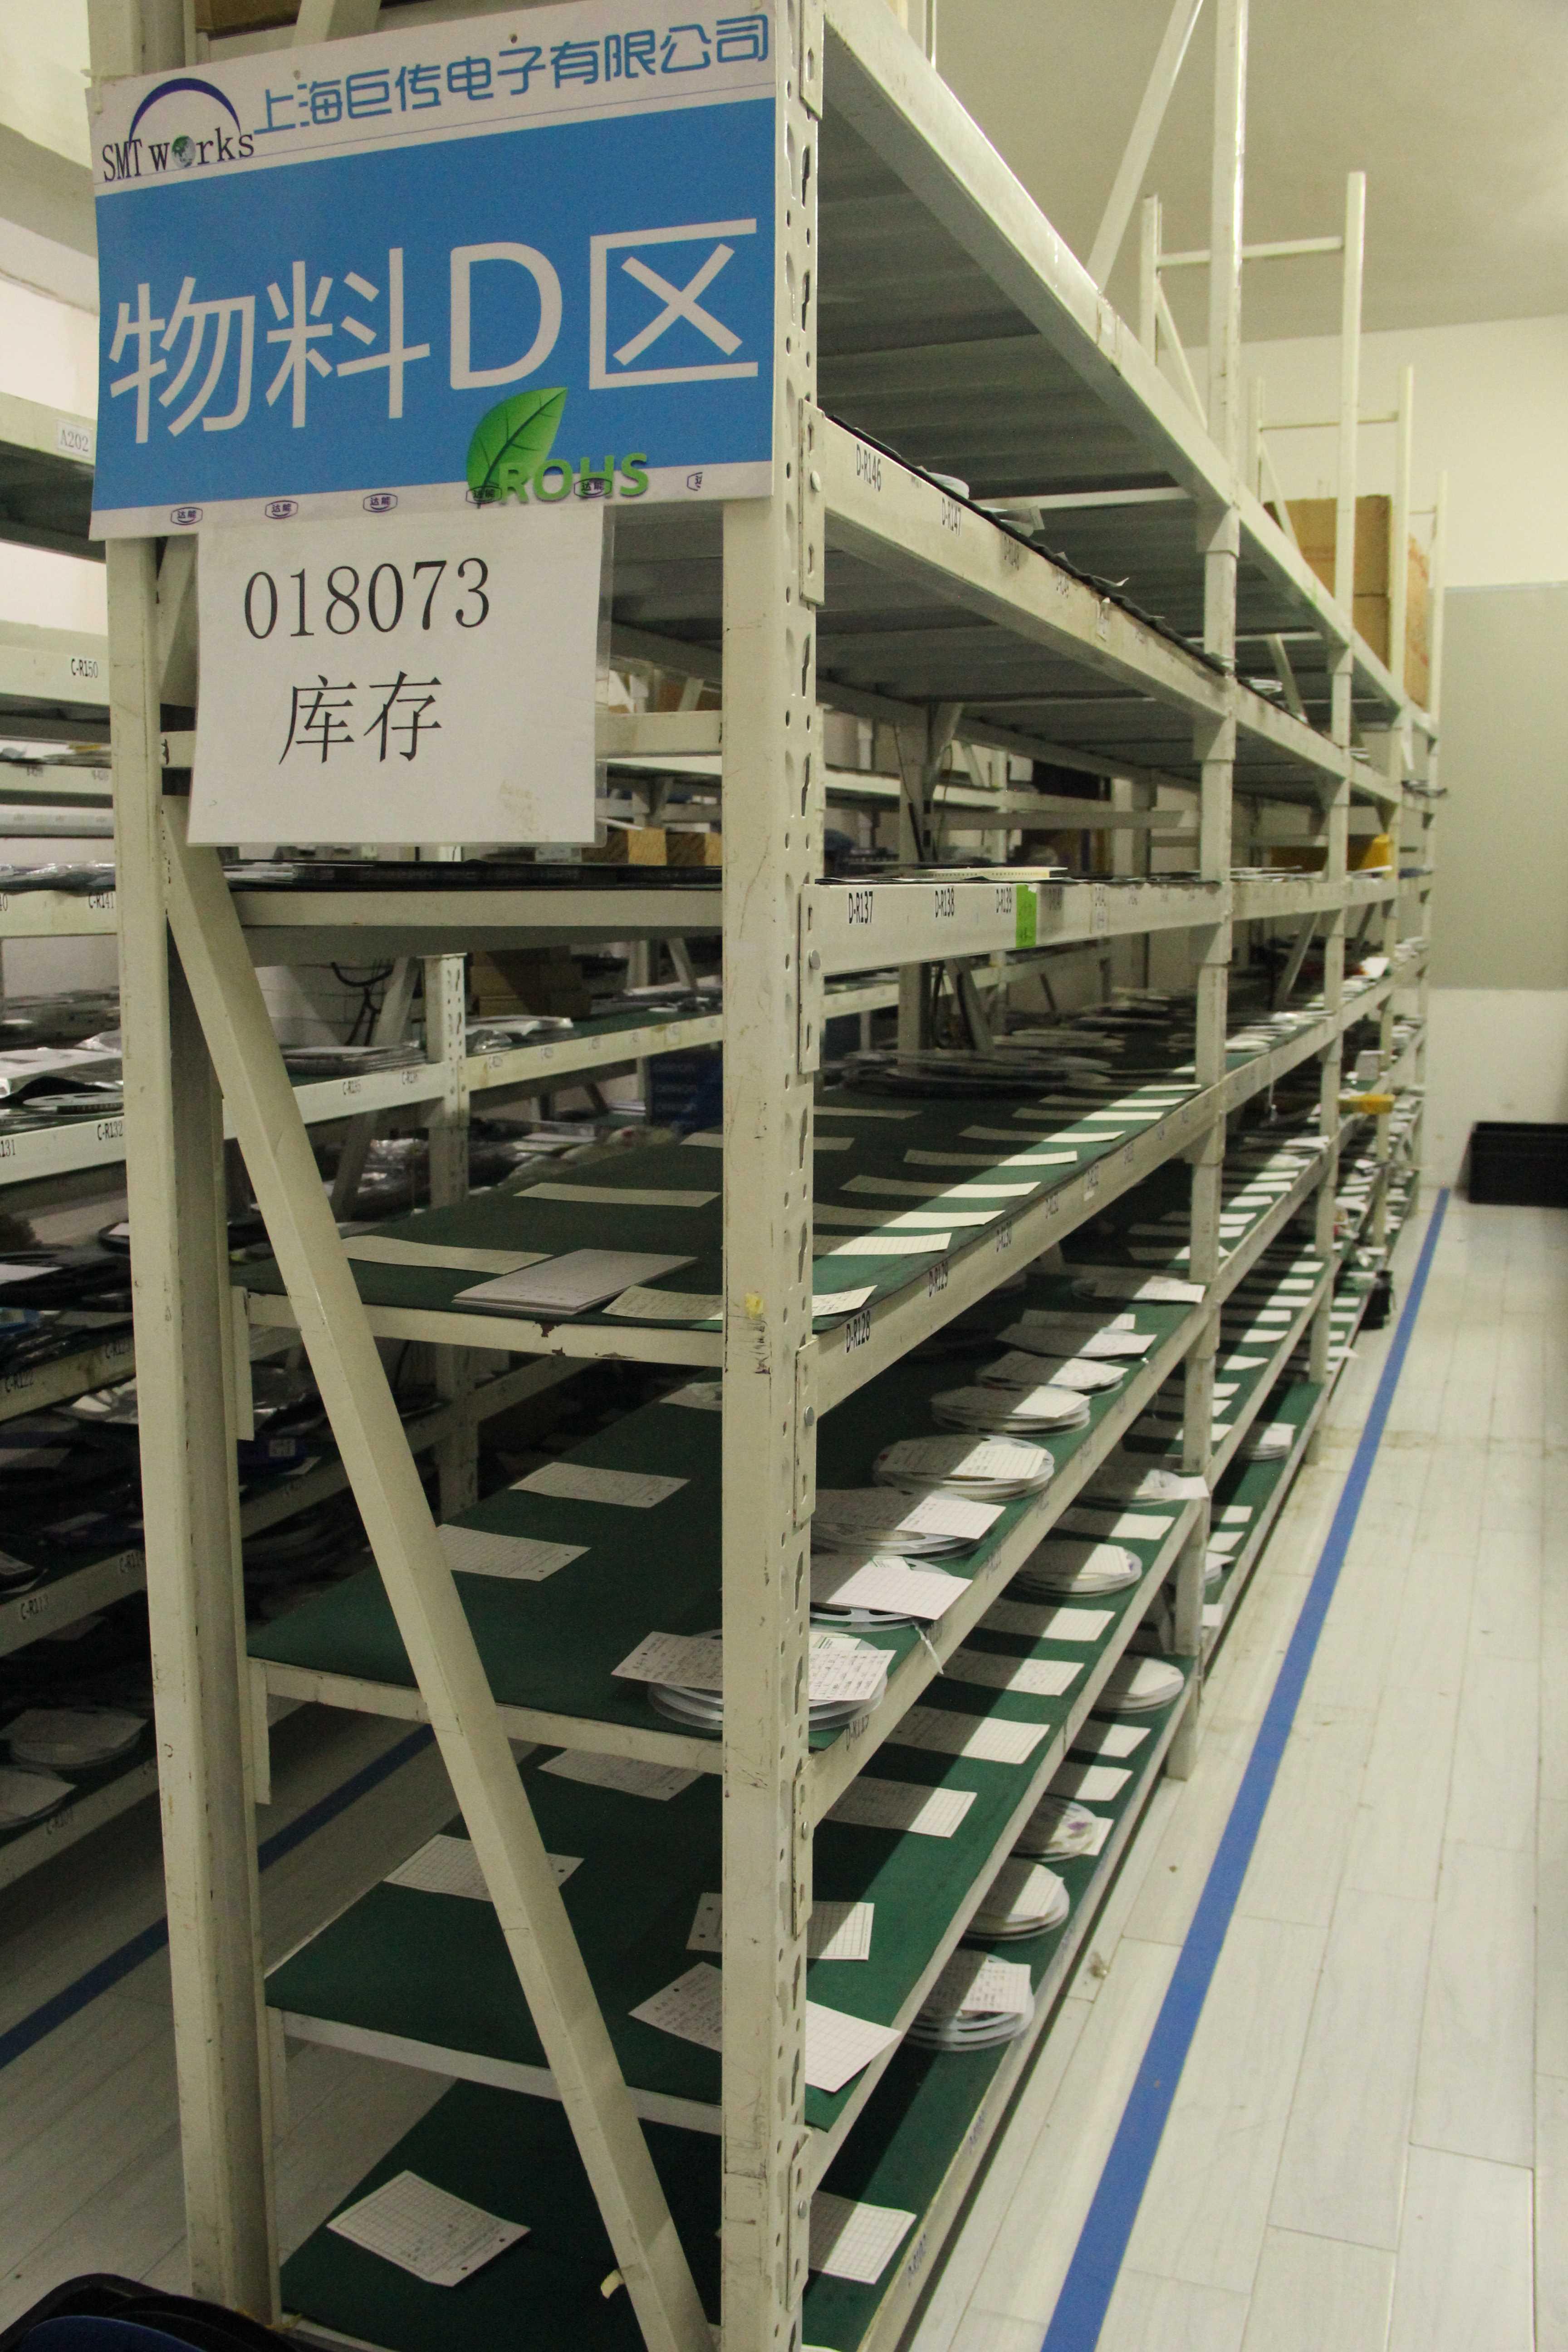 上海巨傳電子阻容倉庫4